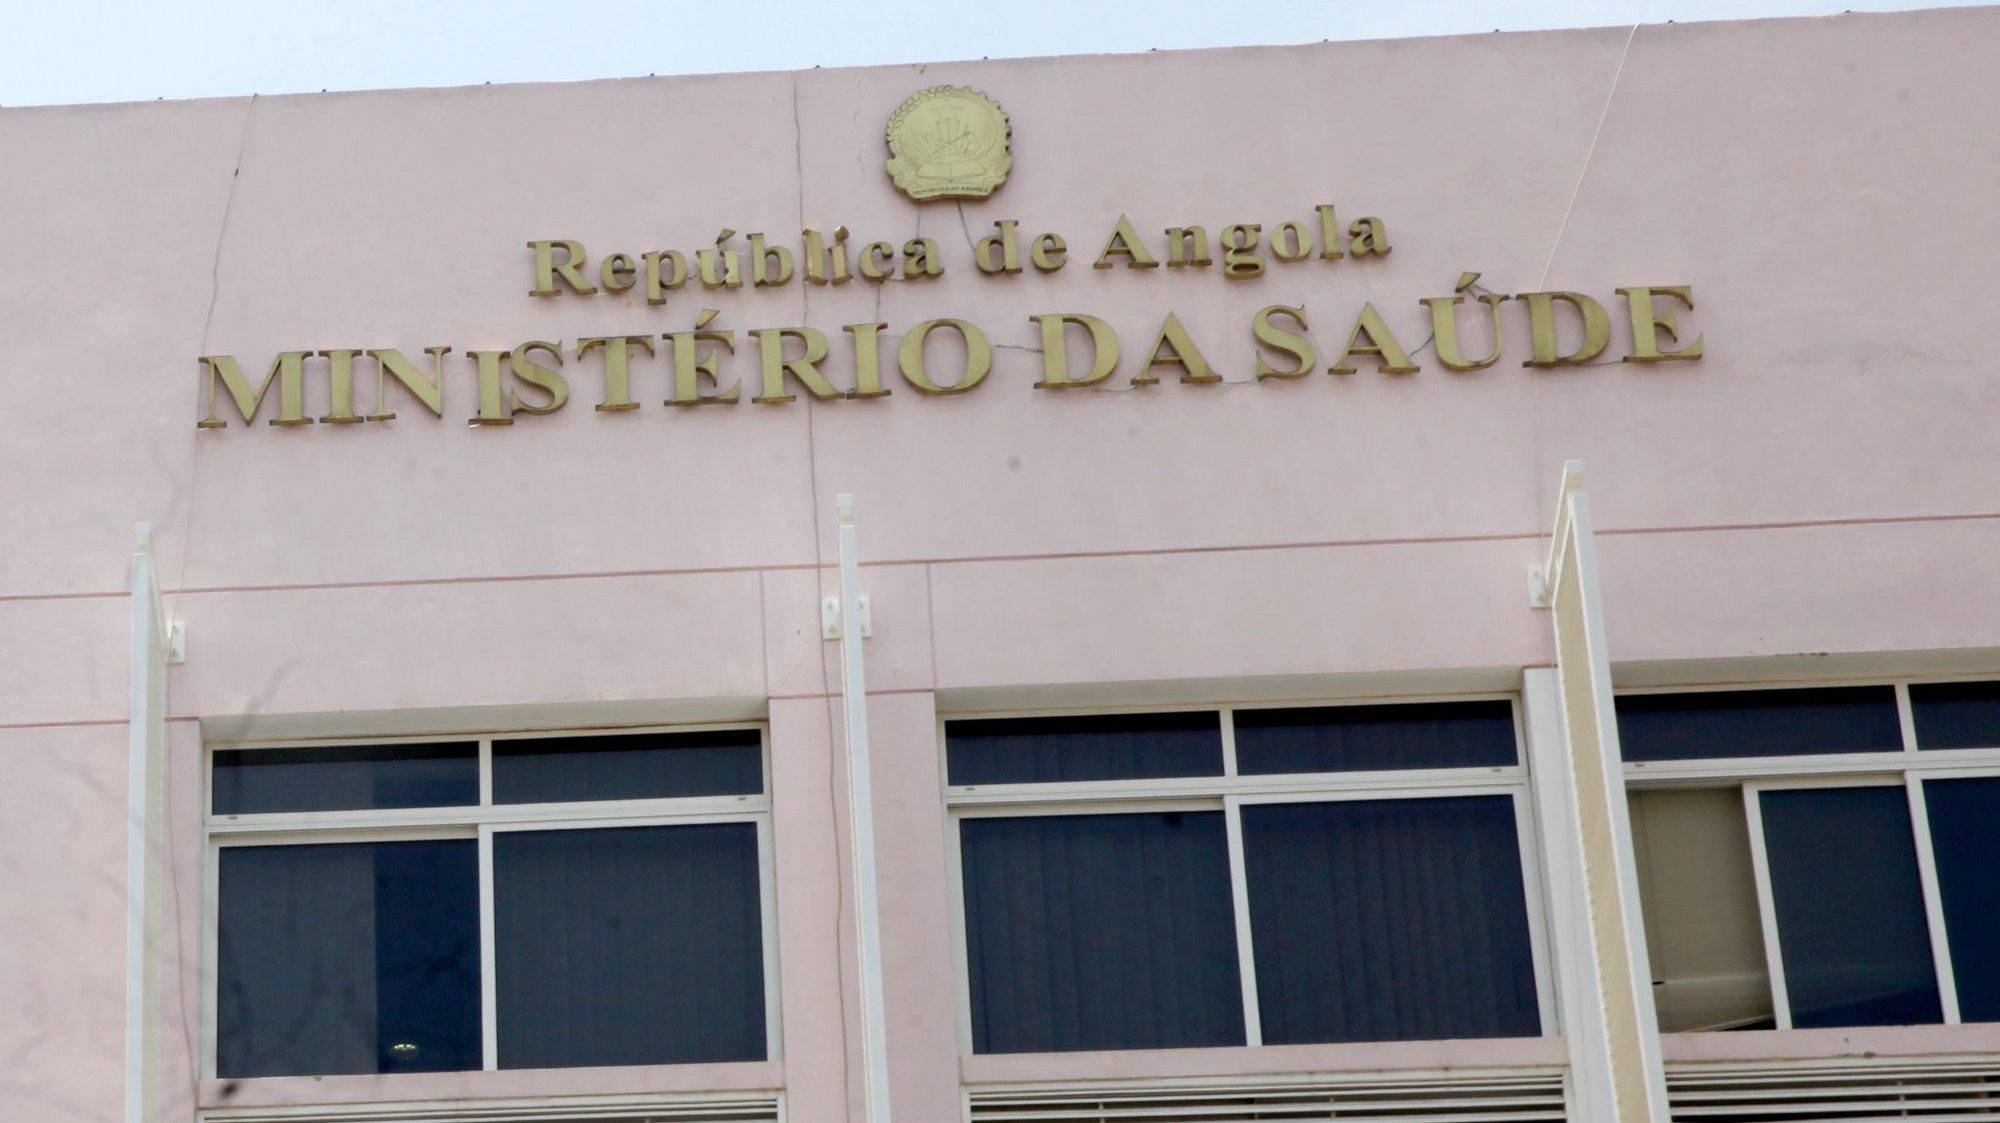 Pormenor da fachada do edifício do Ministério da Saúde de Angola, em Luanda, Angola, 31 de janeiro de 2020. AMPE ROGÉRIO/LUSA